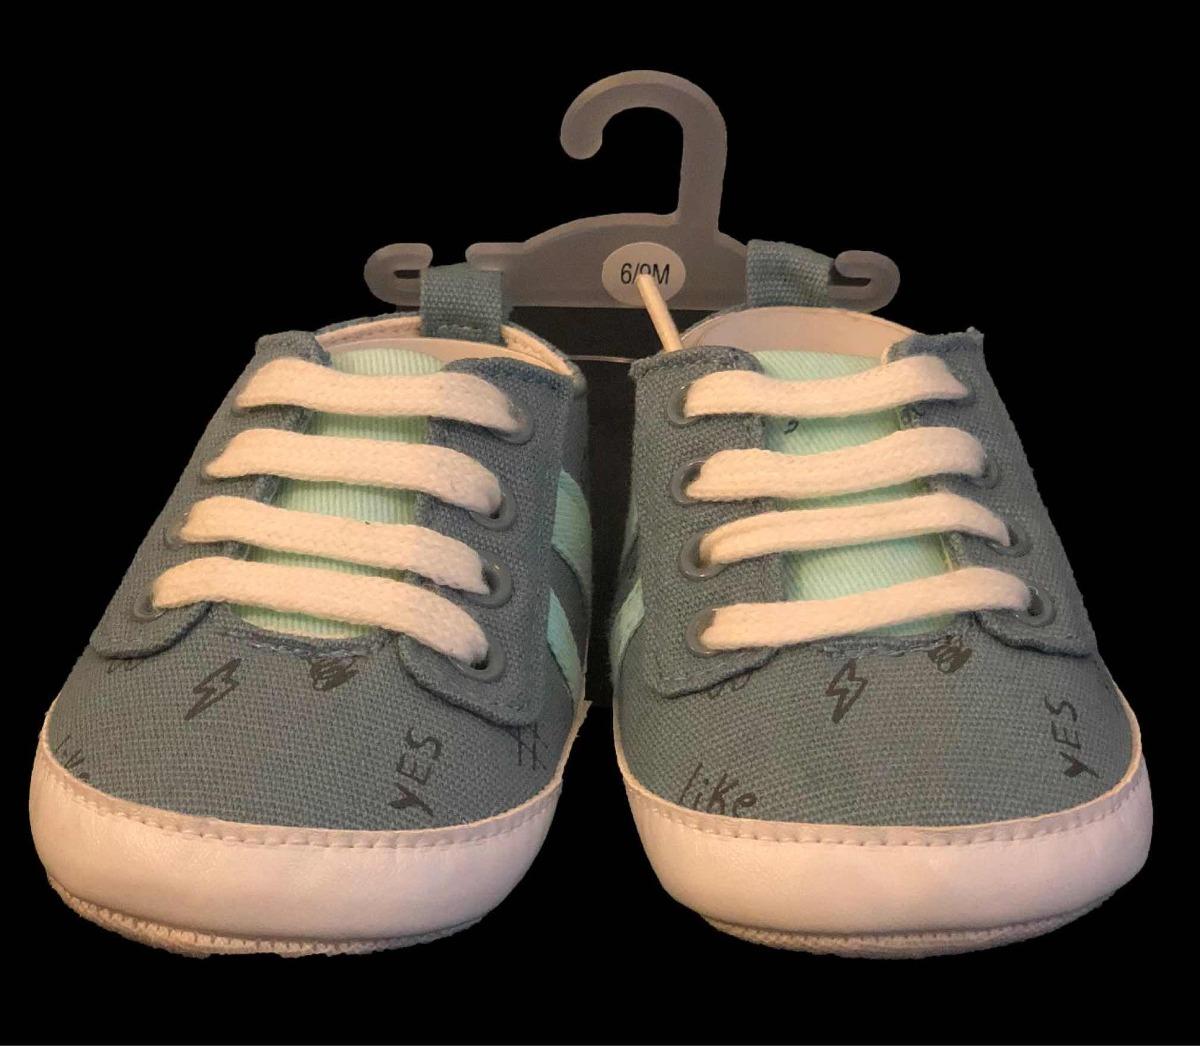 Zapatillas A No Nuevo Importadas Kiabi Caminante 6 9 Meses xoQrBeWdCE